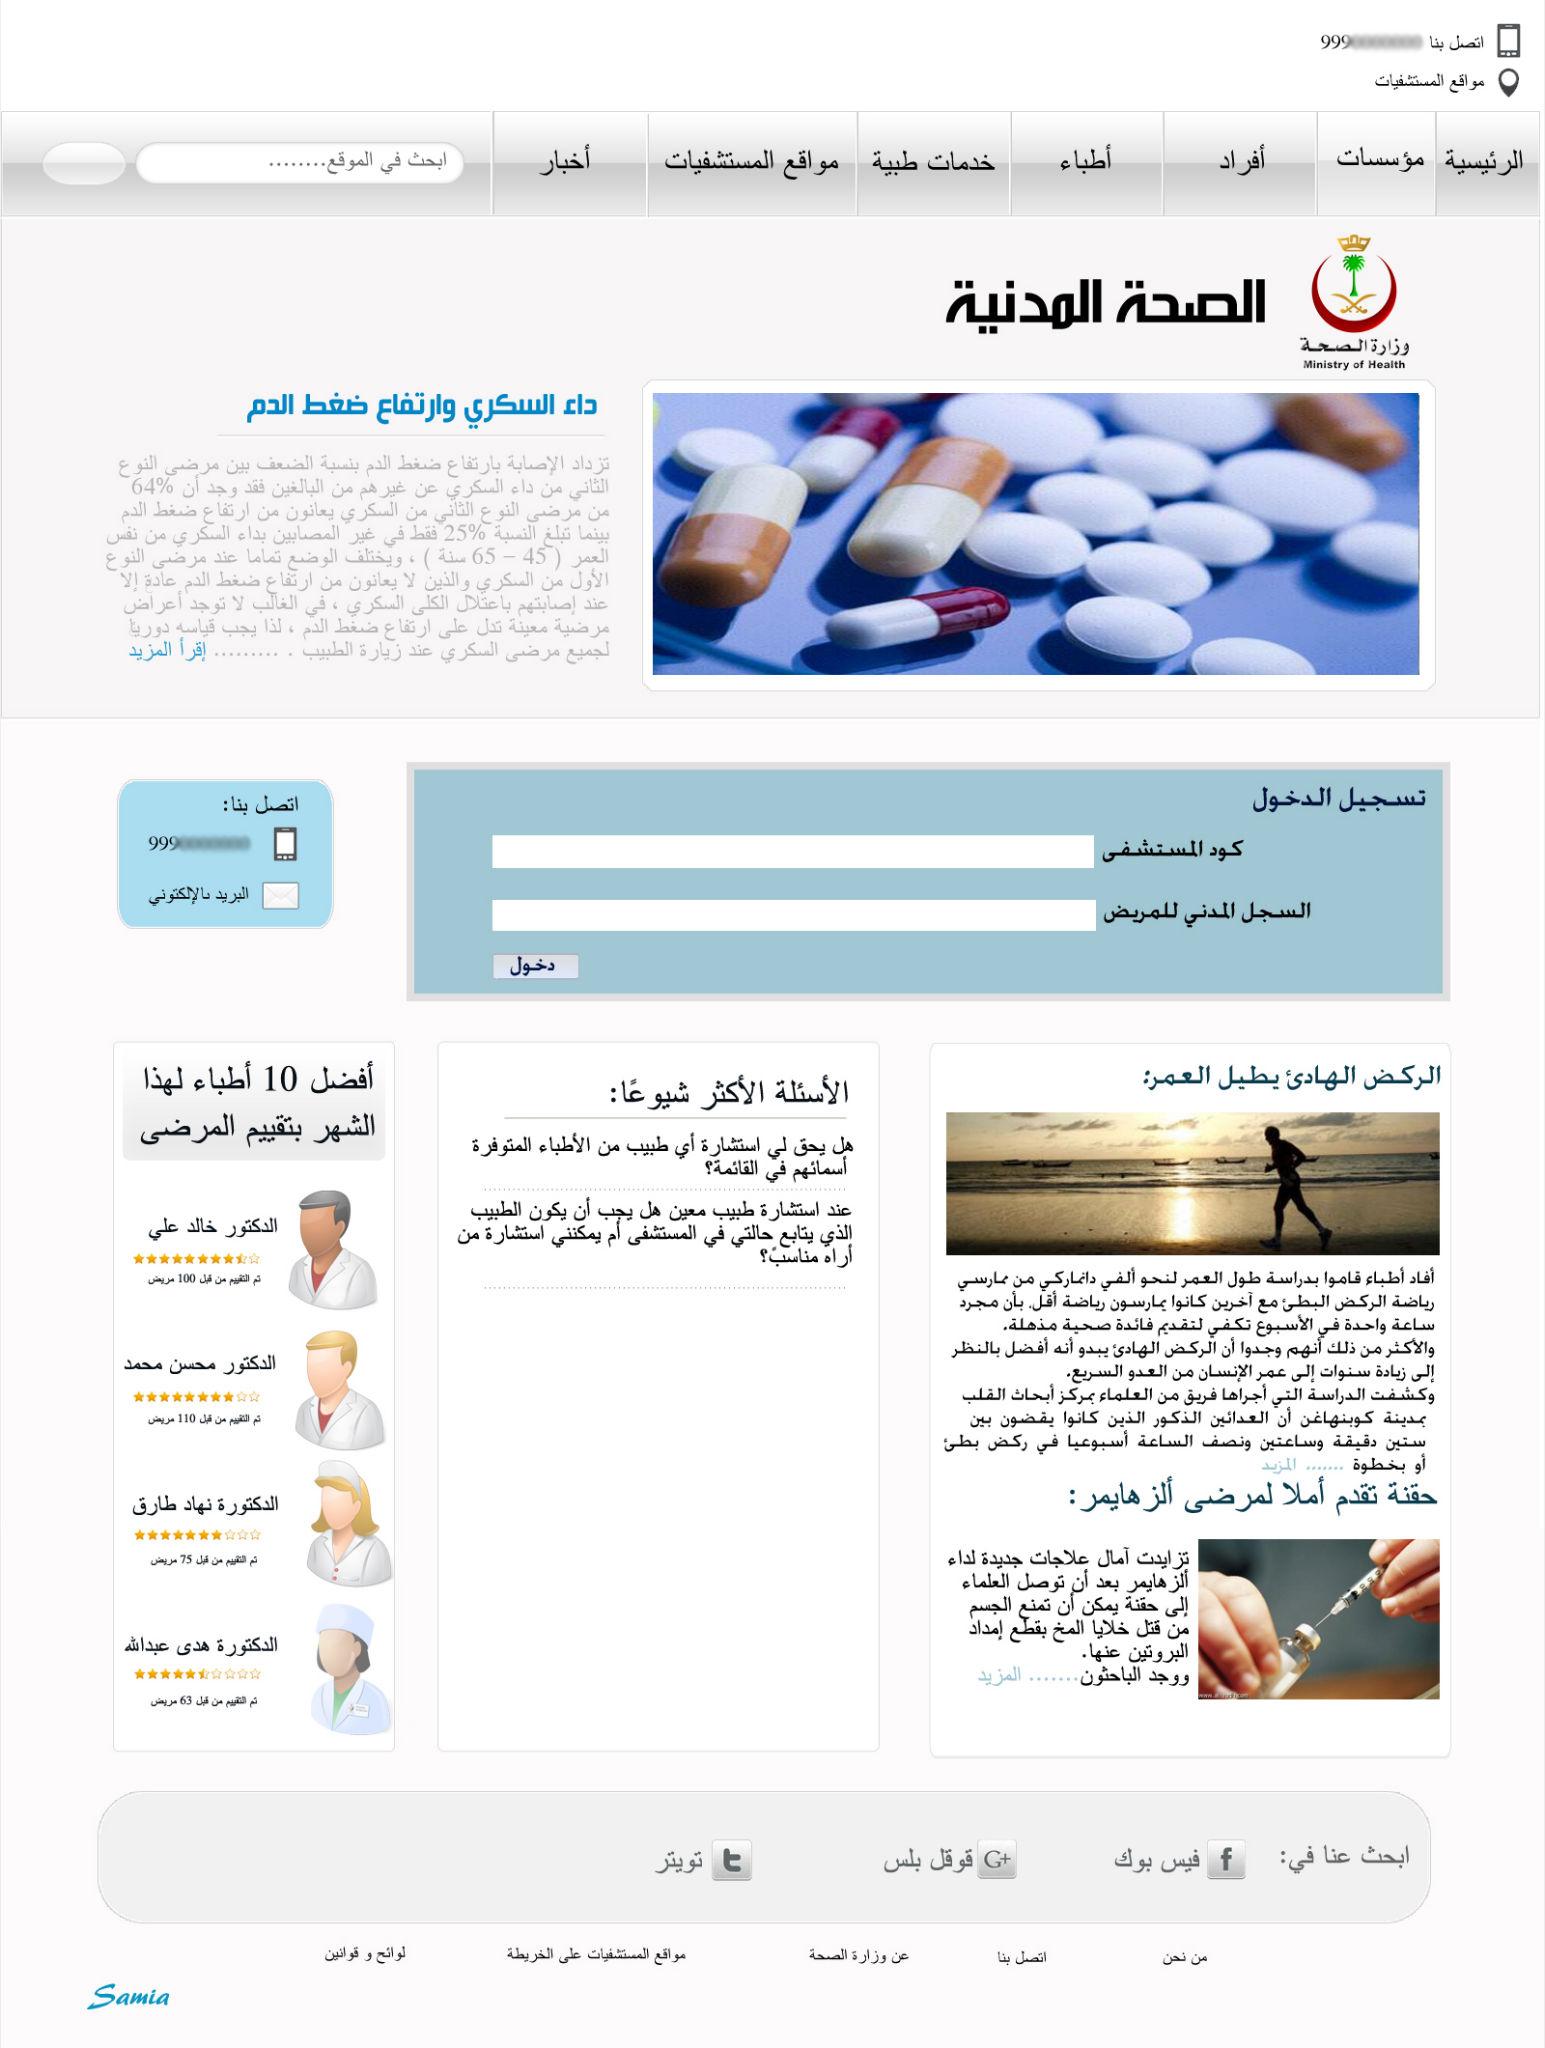 طالبة سعودية تنشئ موقعاً الكترونياً يربط ملفات جميع المرضى بالسعودية